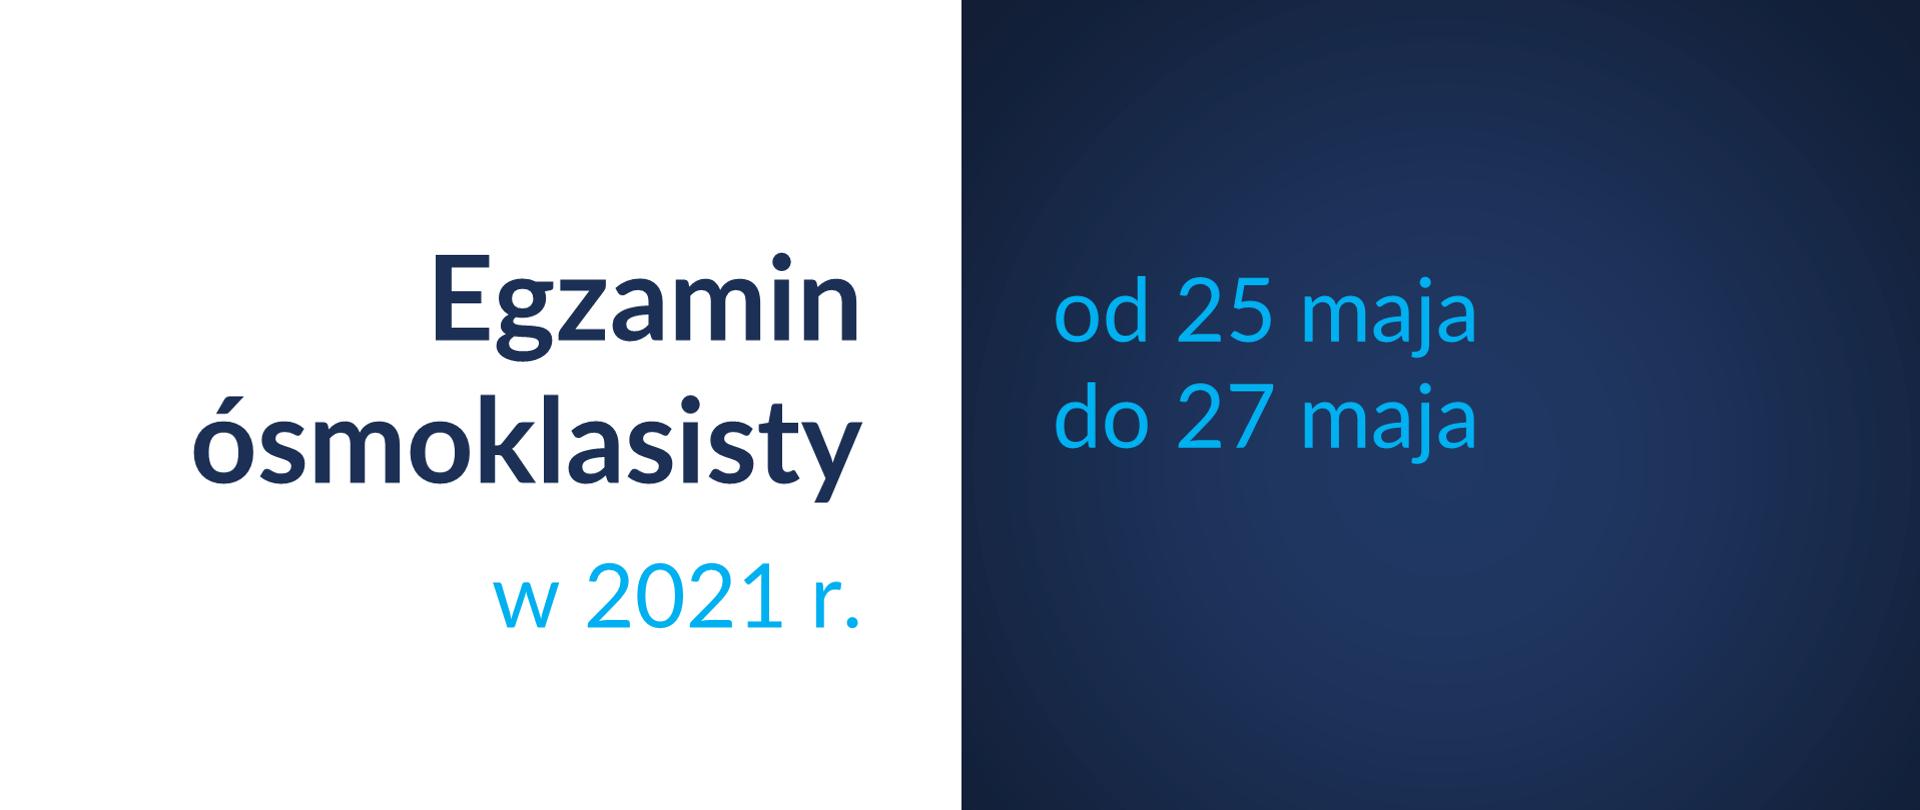 Grafika z tekstem: Egzamin ósmoklasisty w 2021 r. – od 25 maja do 27 maja